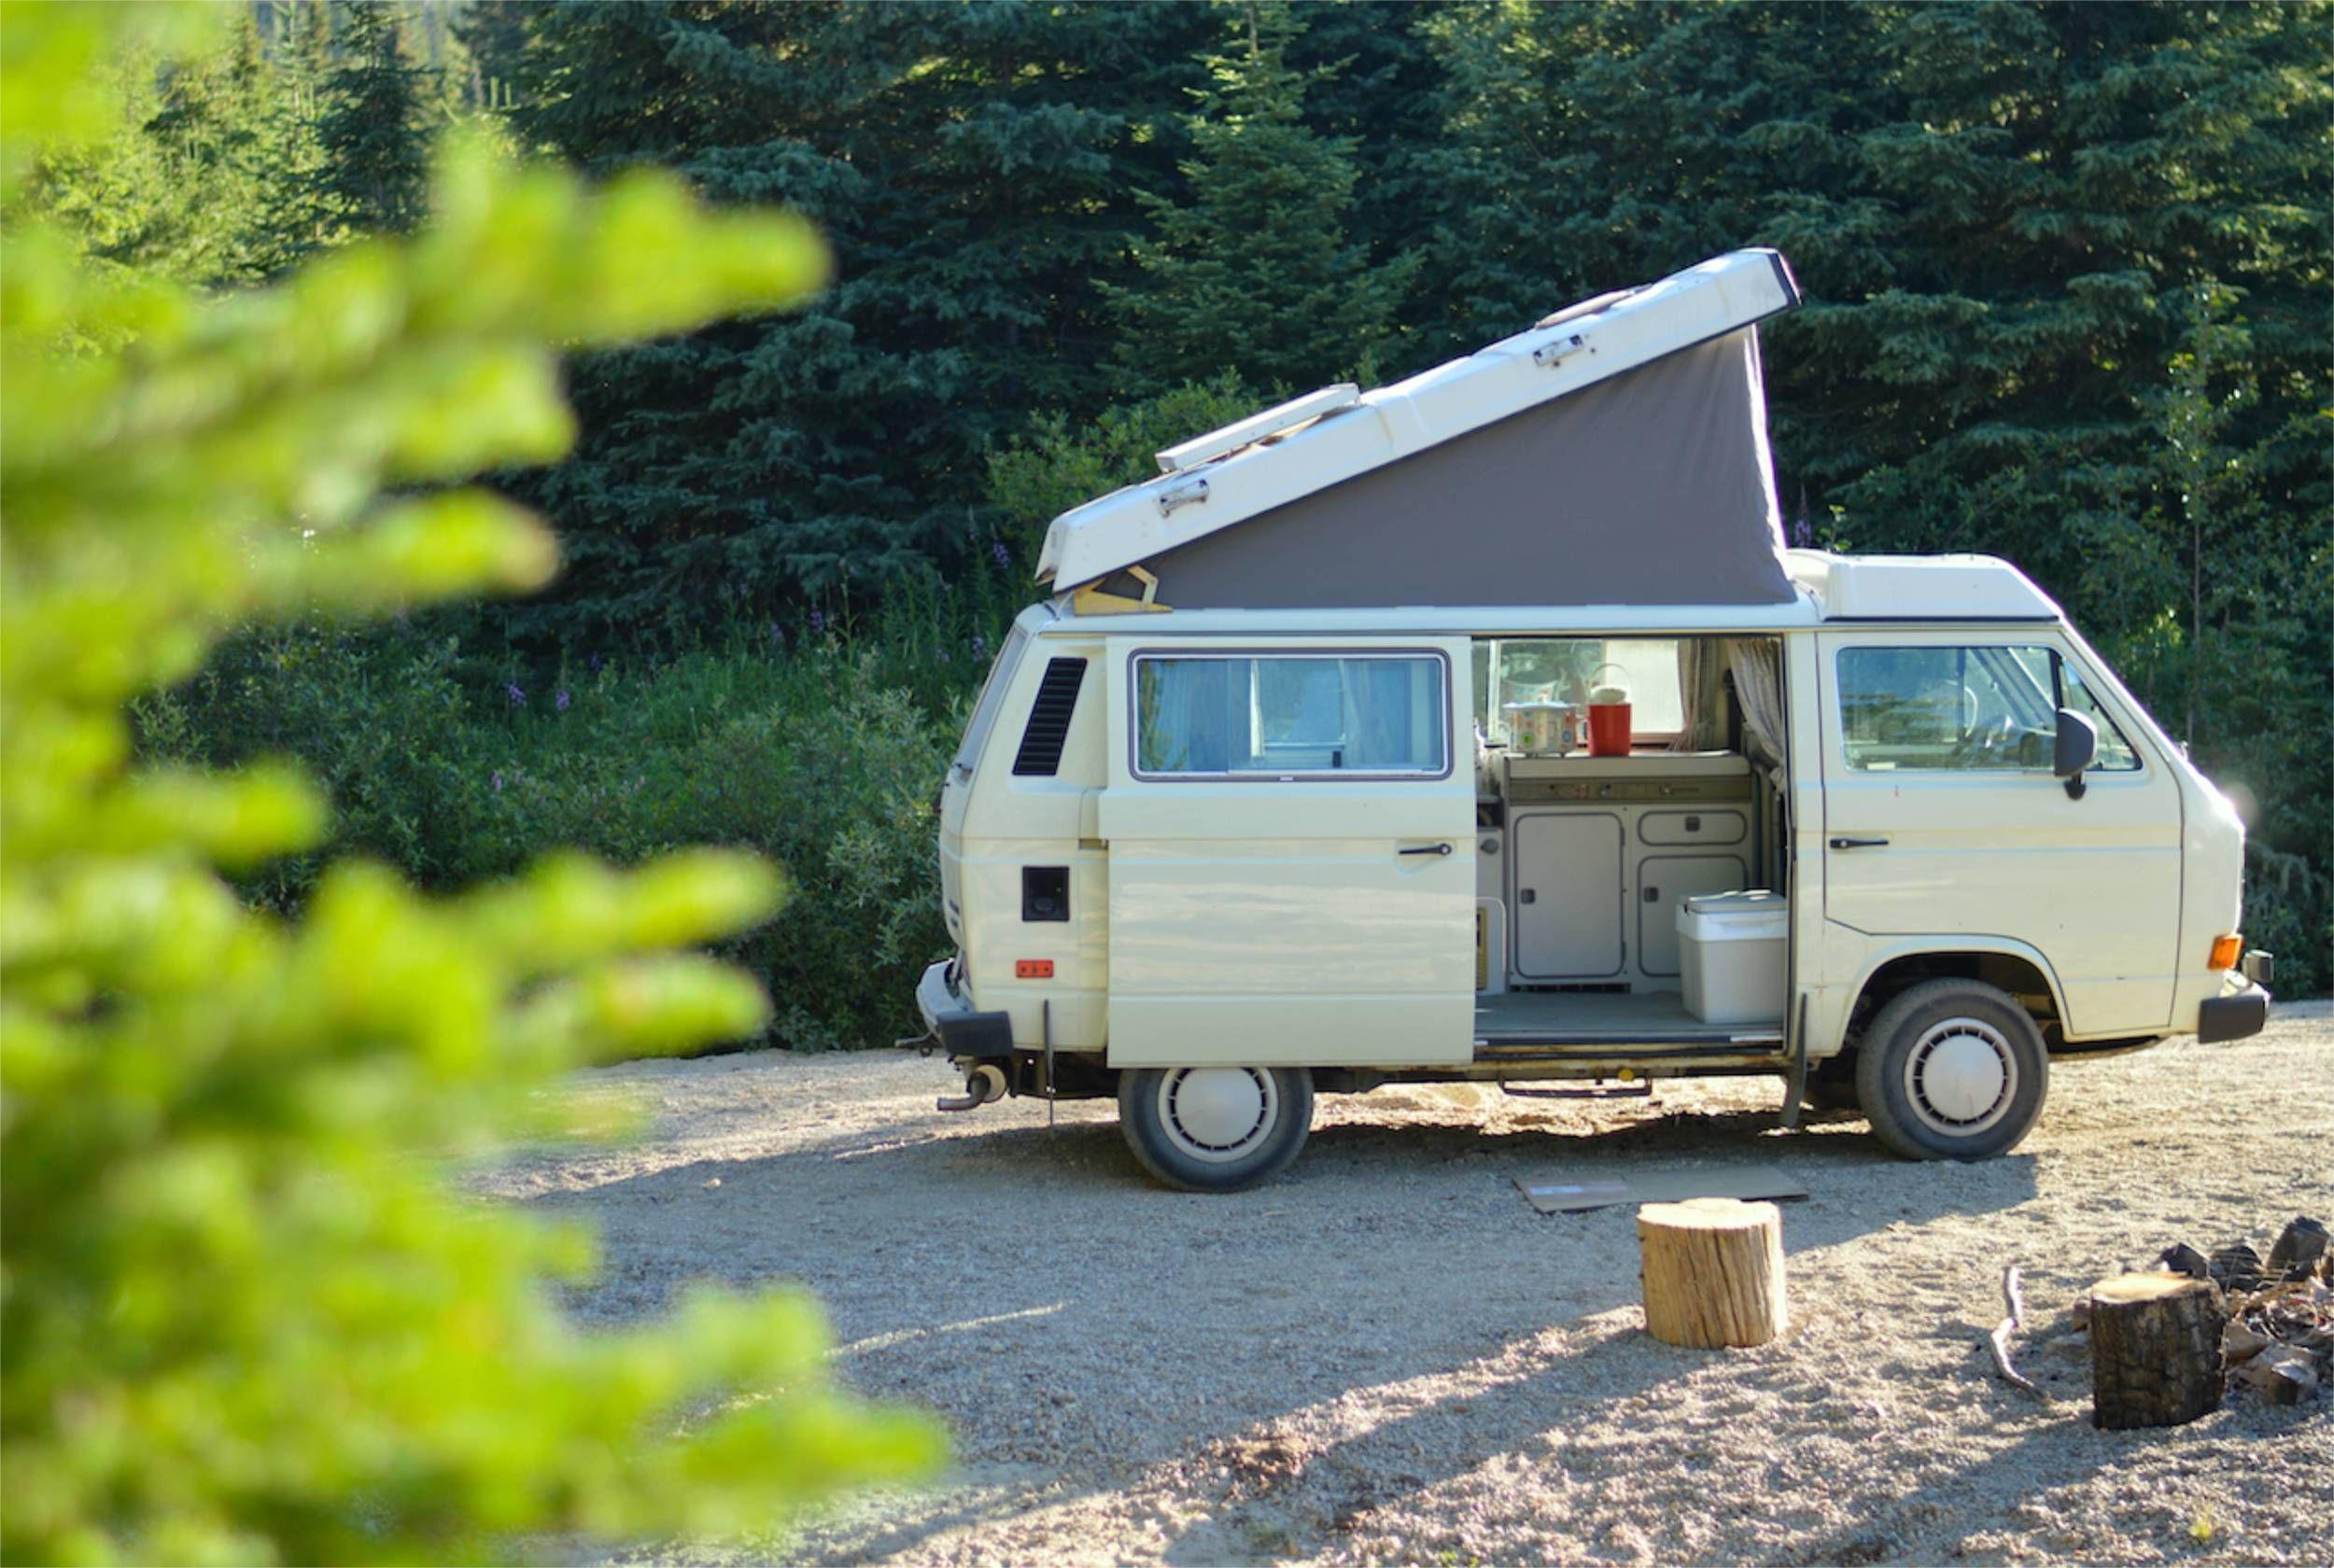 Vw Camper Van Rental Details Rental Vans Campervan Rental California Travel Road Trips